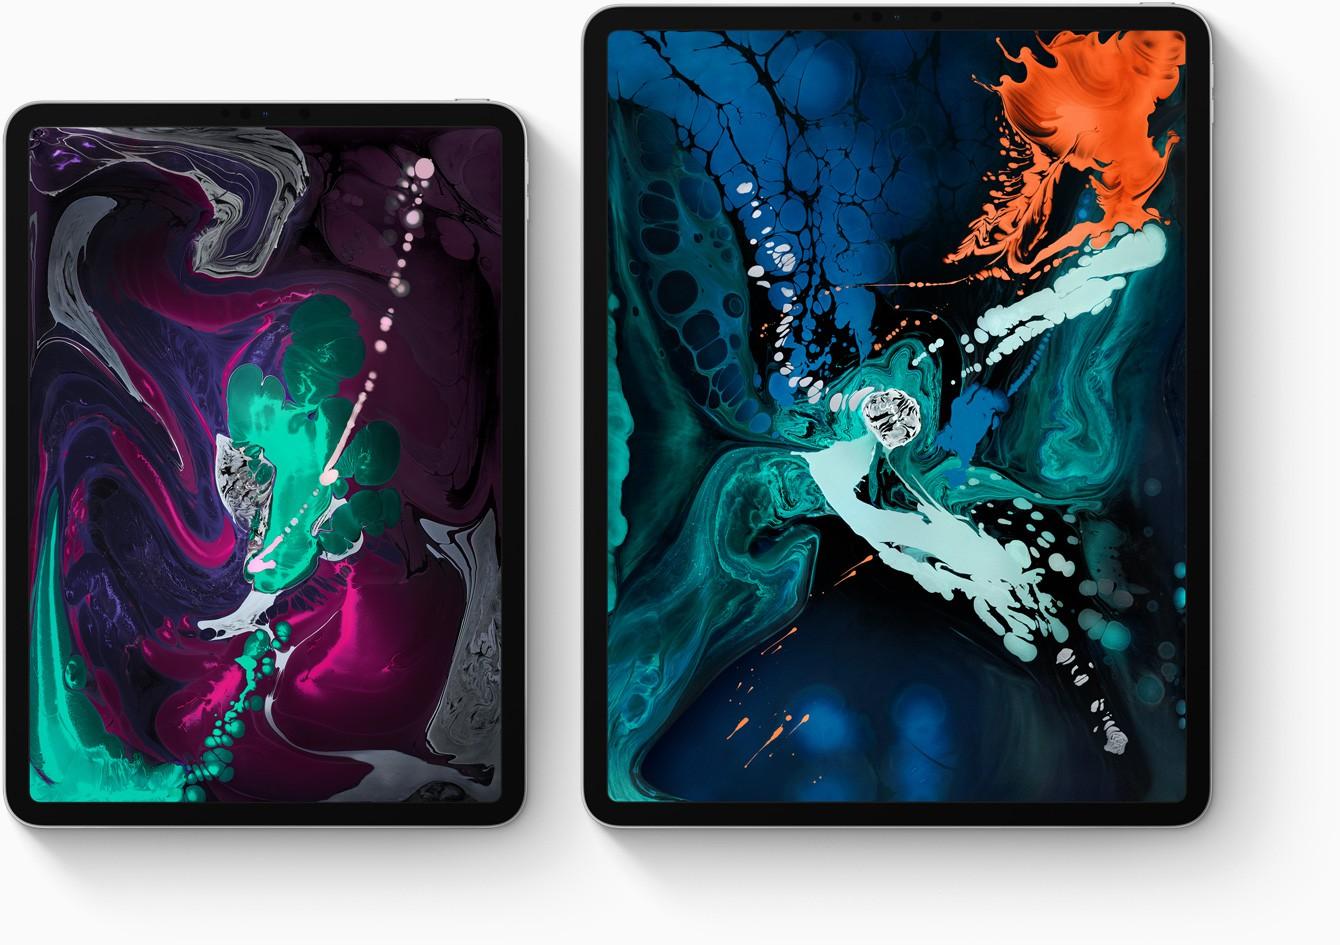 Apple蘋果 iPad pro 10.5寸 11寸 12.9寸國行美版官換機二手平板